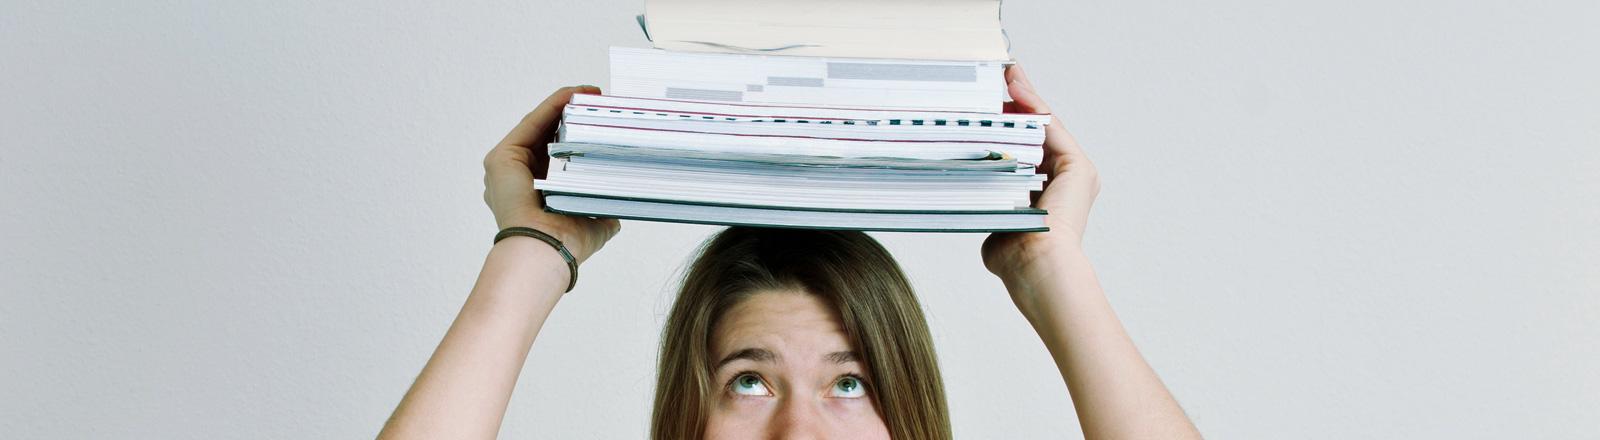 Eine junge Frau trägt einen Stapel Unterlagen auf dem Kopf.